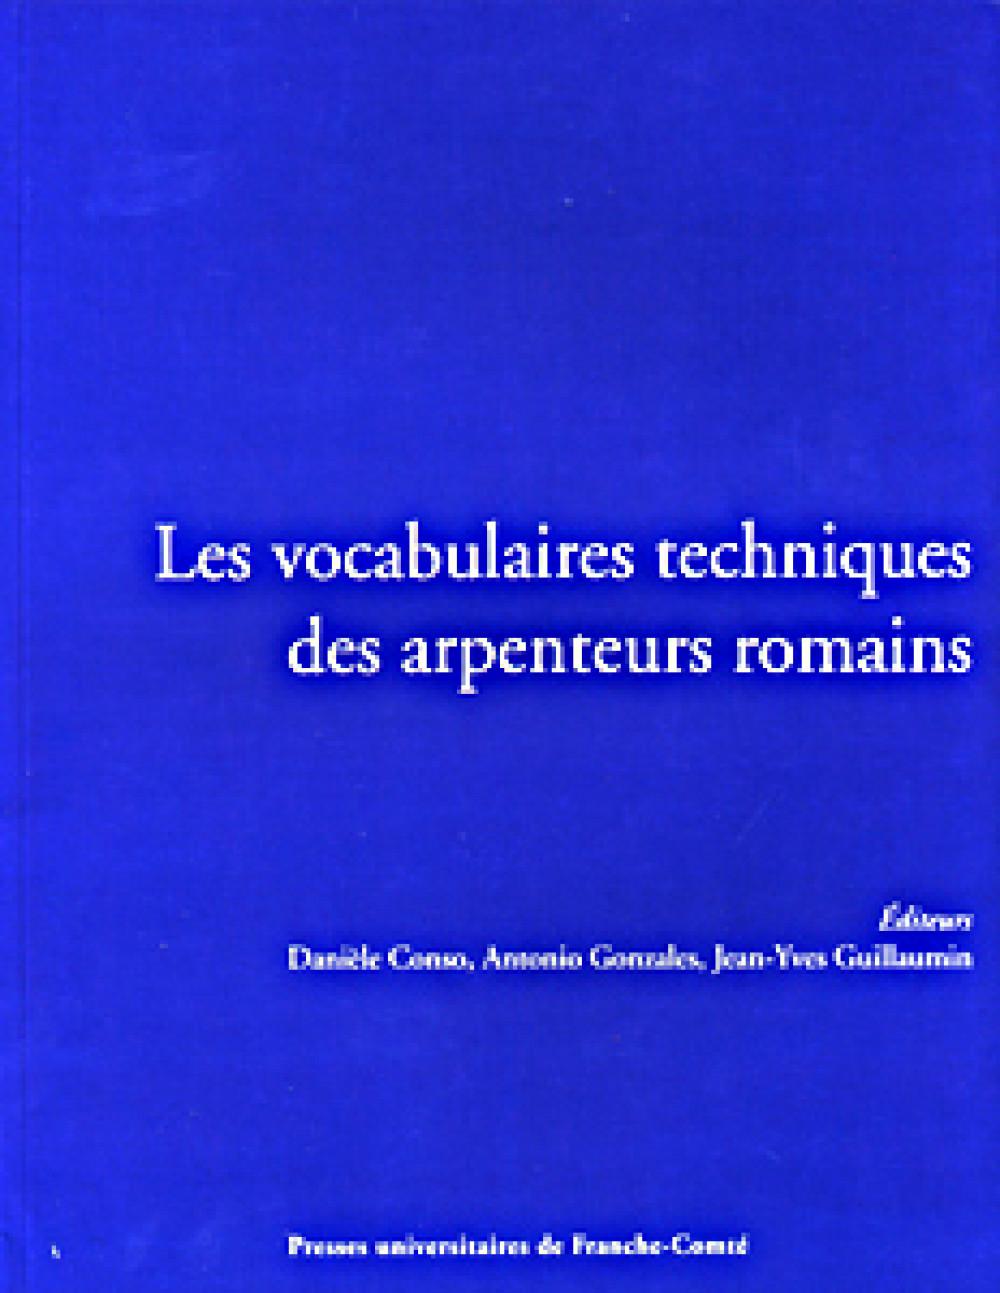 Les vocabulaires techniques des arpenteurs romains